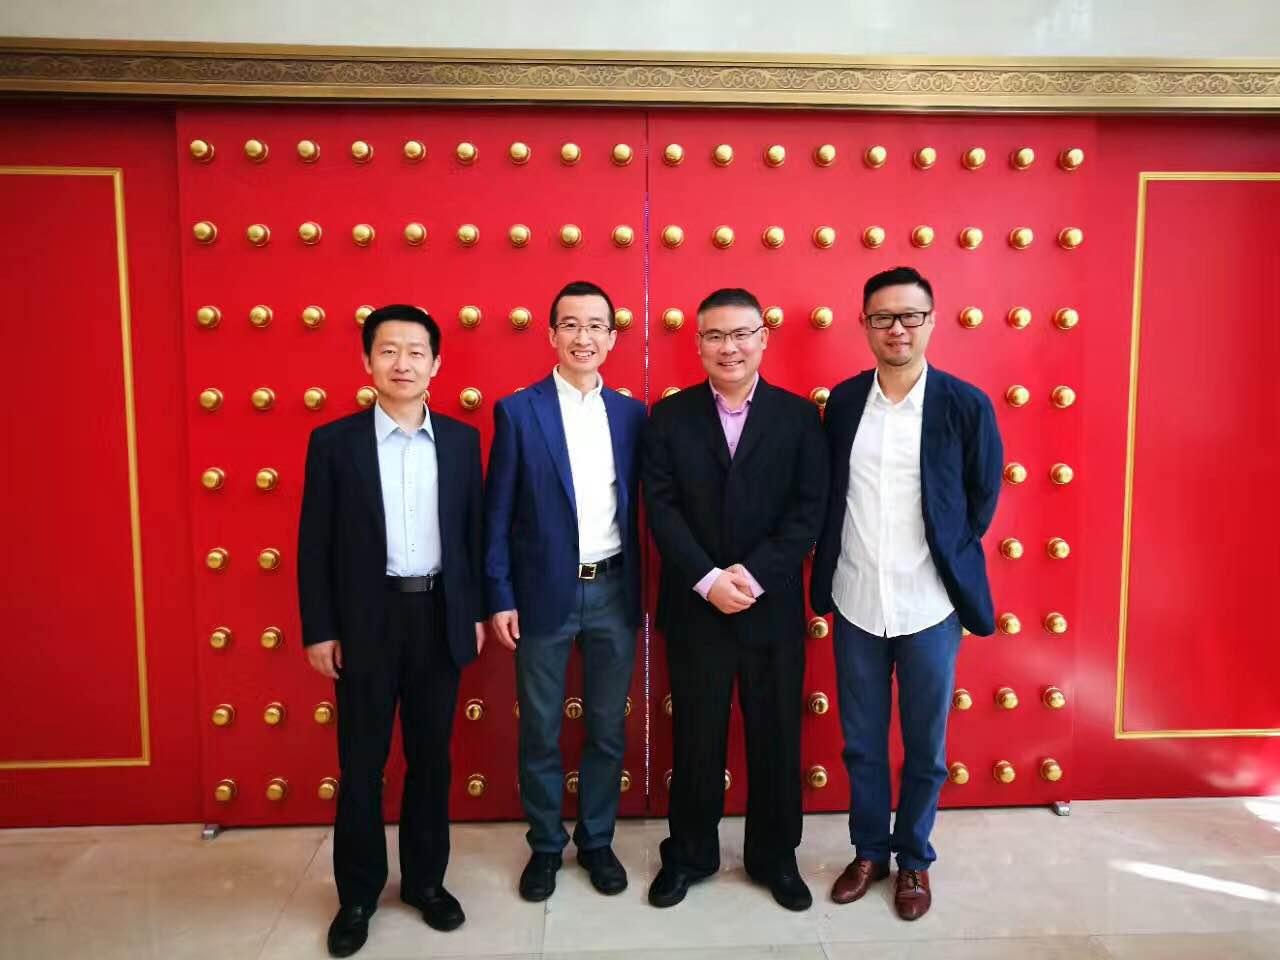 水威环境董事长张晏琦与中国清洁博览会创始人宋喆等嘉宾合影